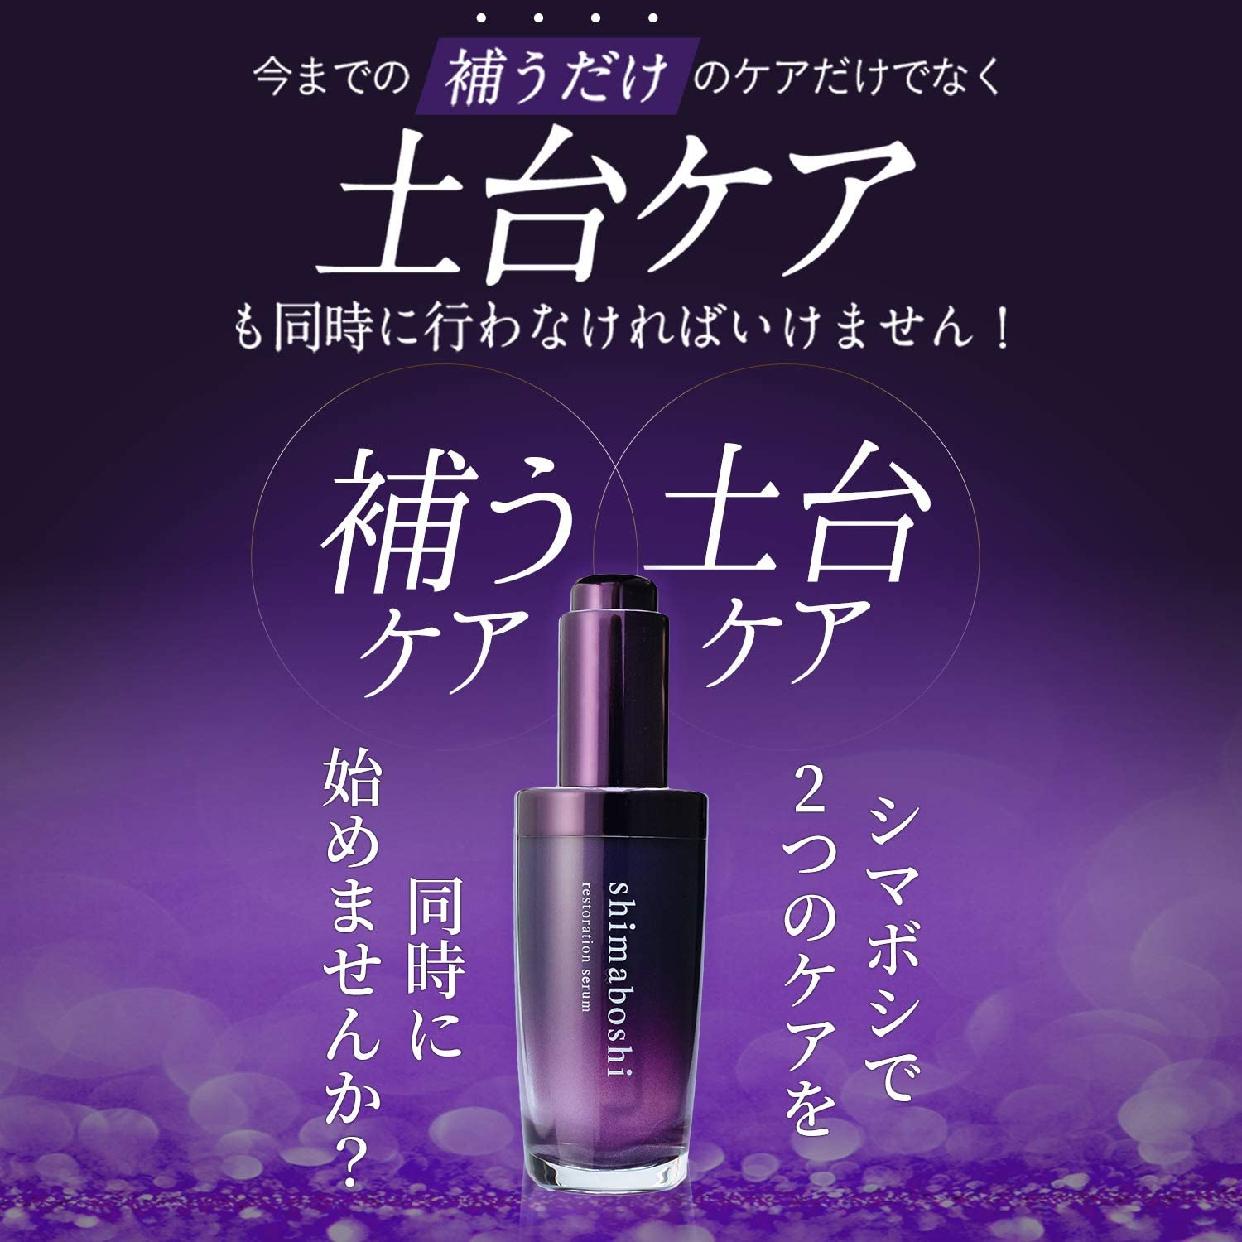 shimaboshi(シマボシ) レストレーションセラムの商品画像2